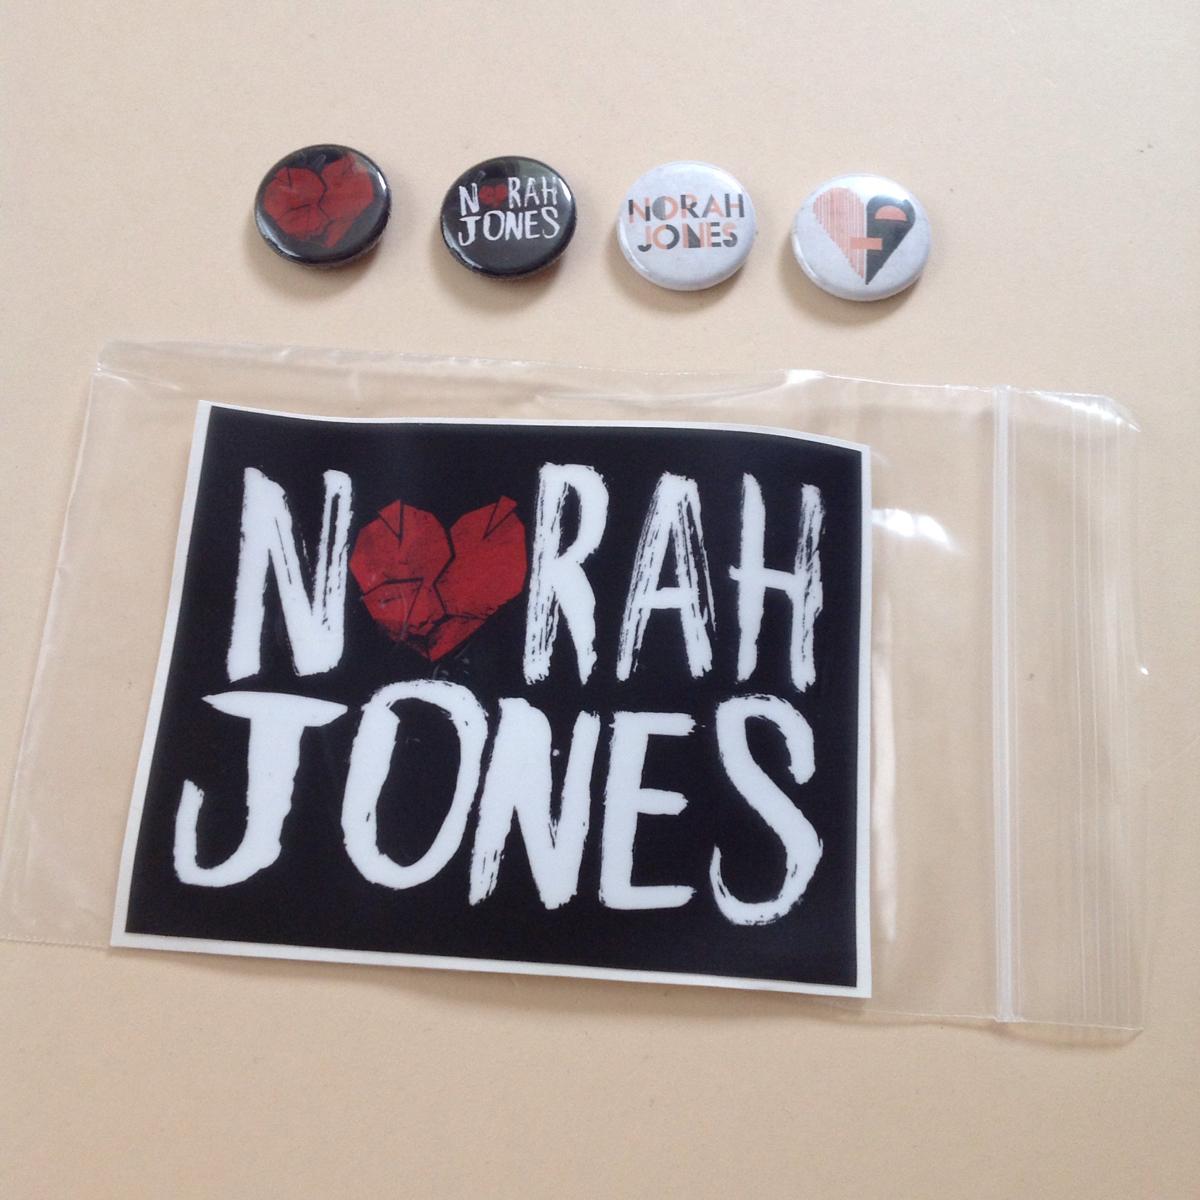 ノラ ジョーンズ NORAH JONES バッジ 4個 + ステッカー まとめて LITTLE BROKEN HEARTS